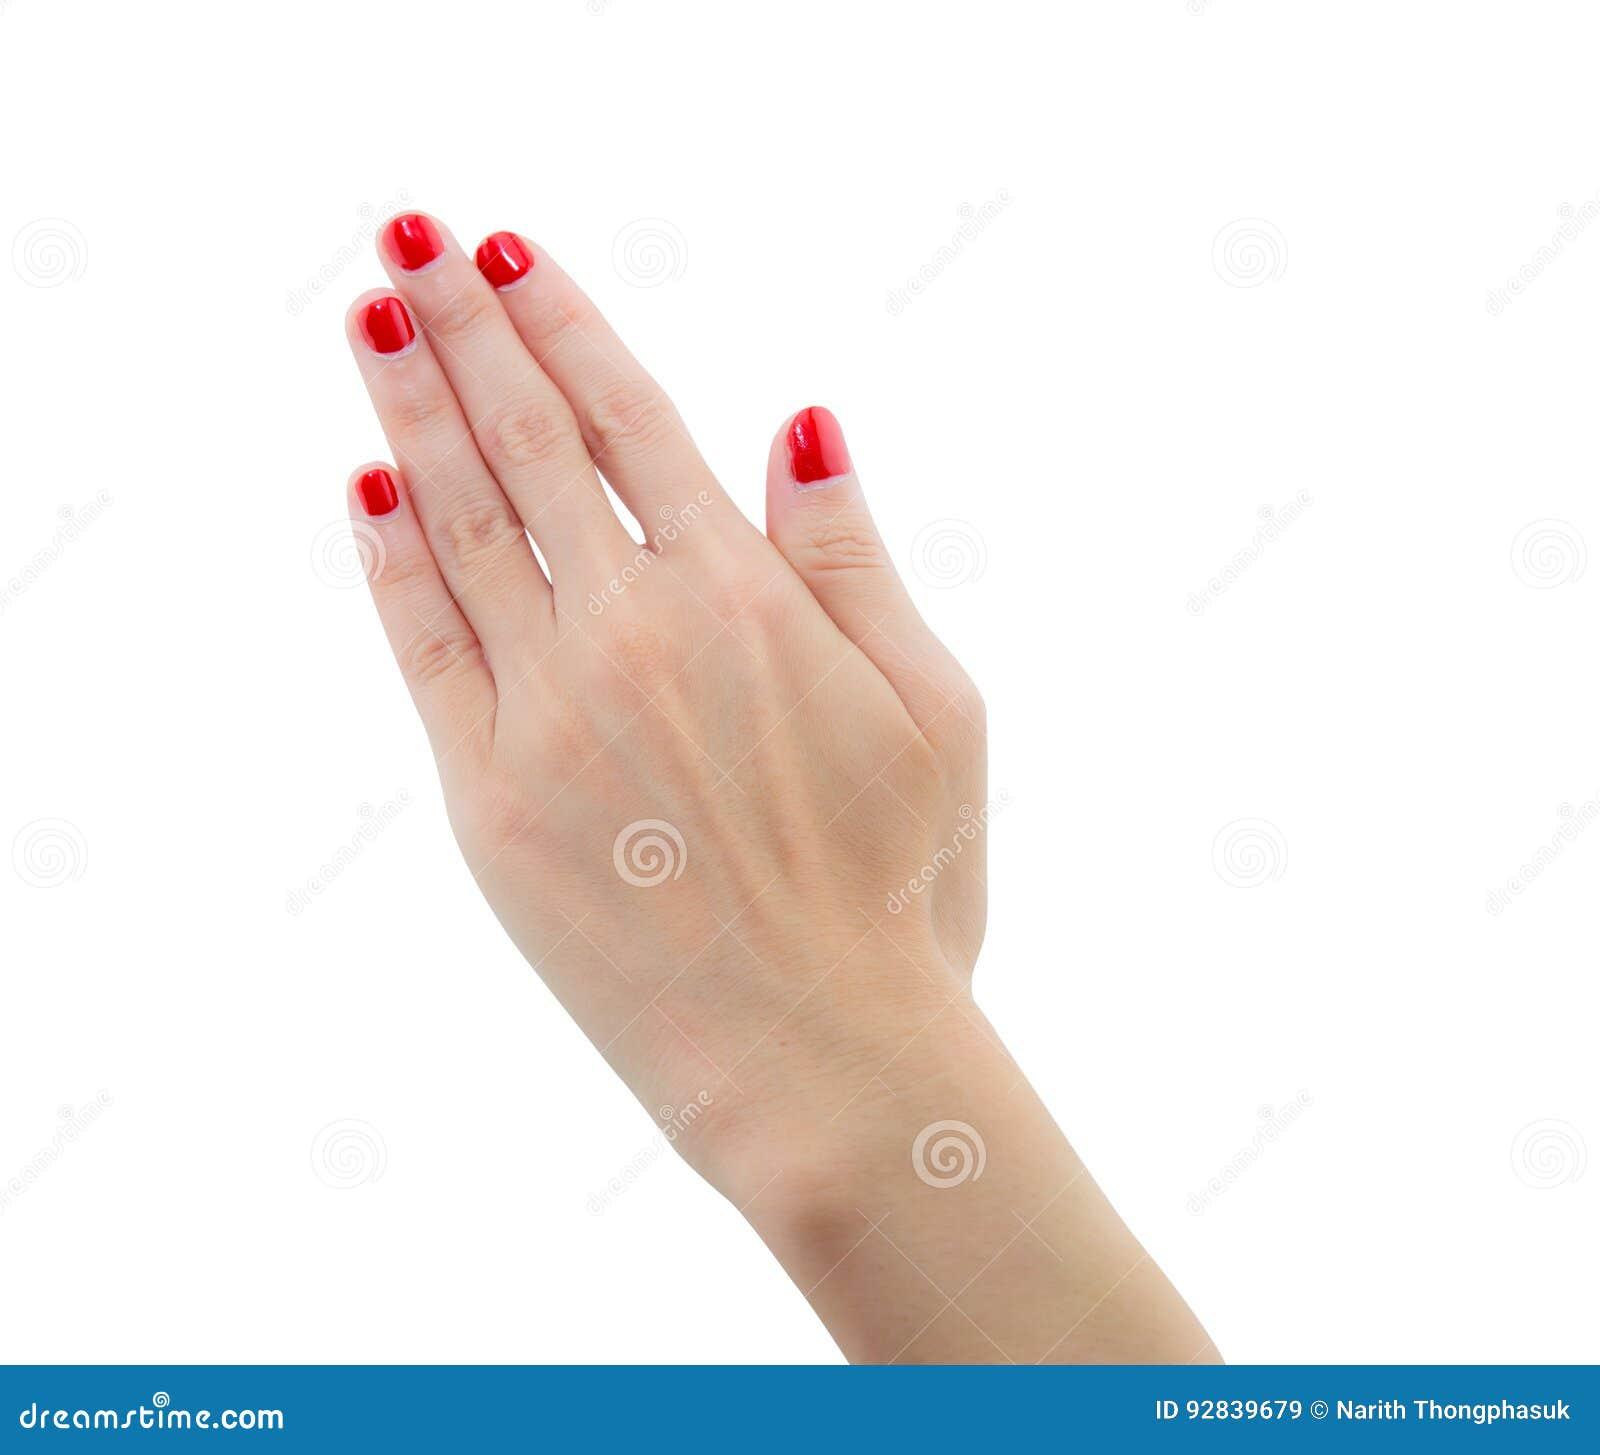 Фото женских пальцев, жесткая брюнетка учит ебаться